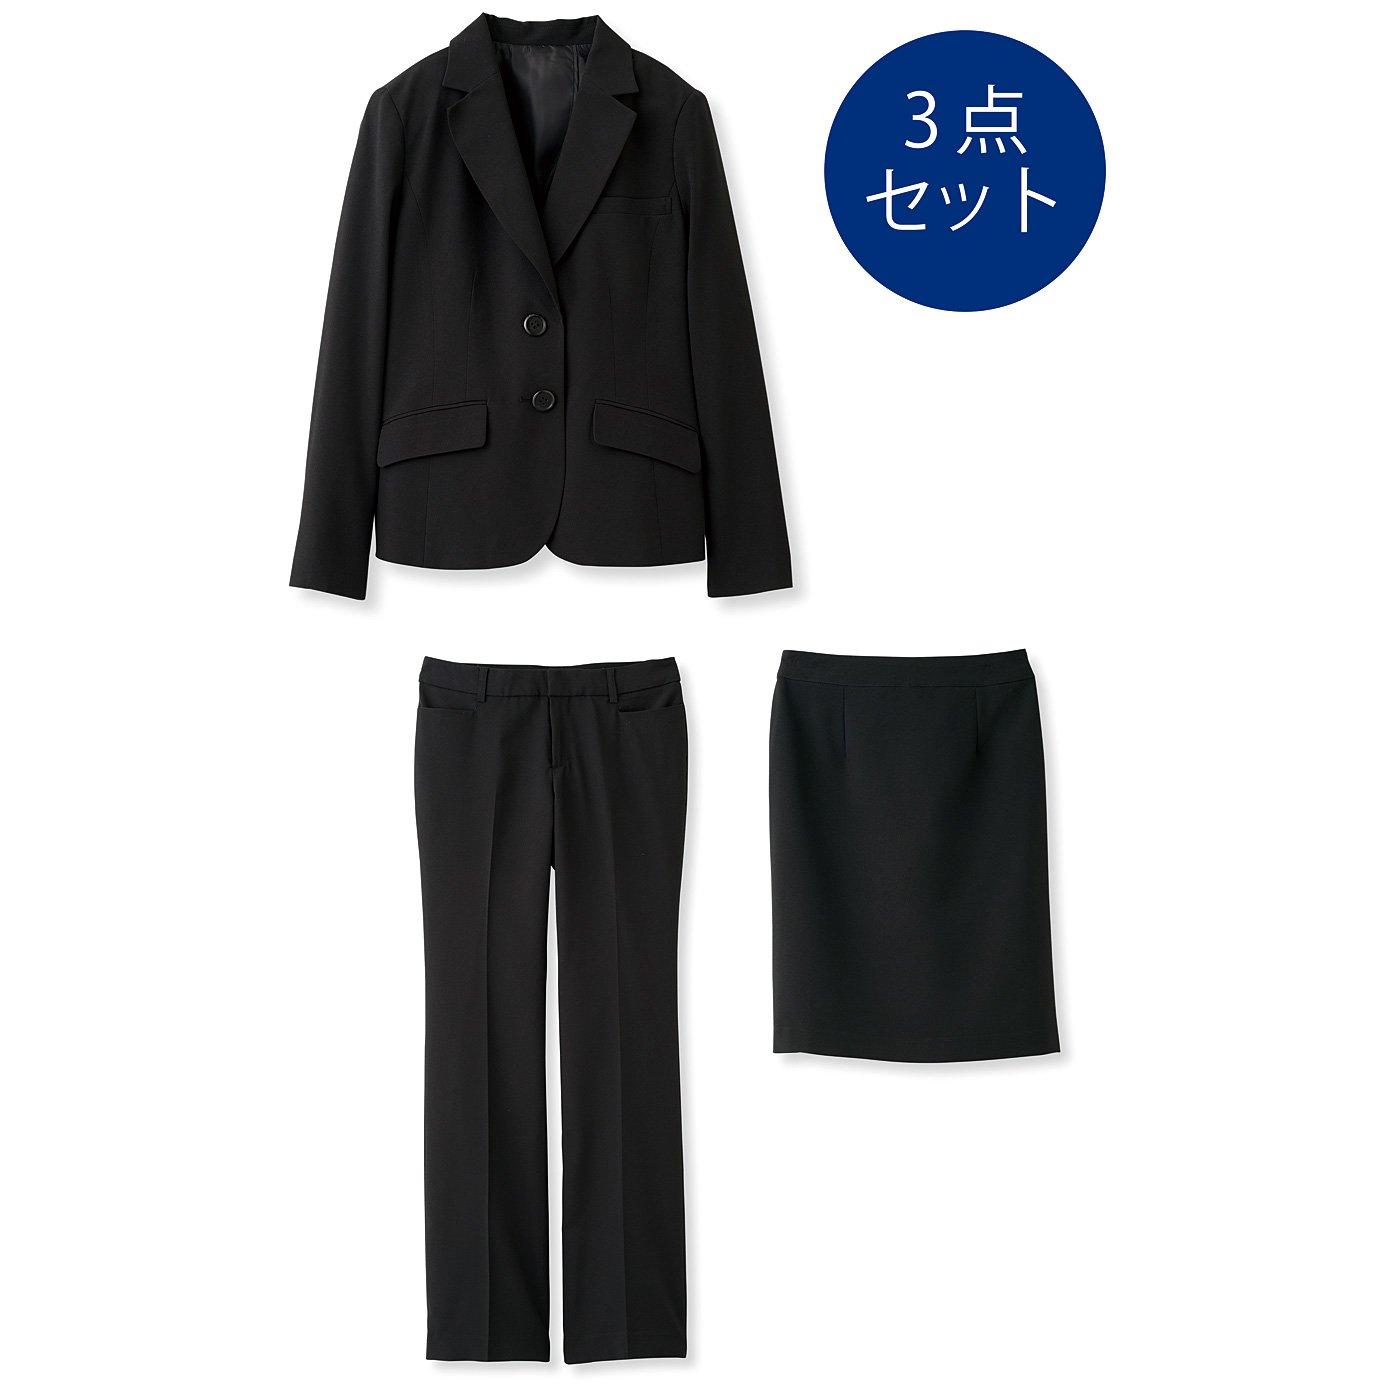 DRECOバイヤーズセレクト 万能!知的な働く女性のためのマニッシュ3点スーツセット